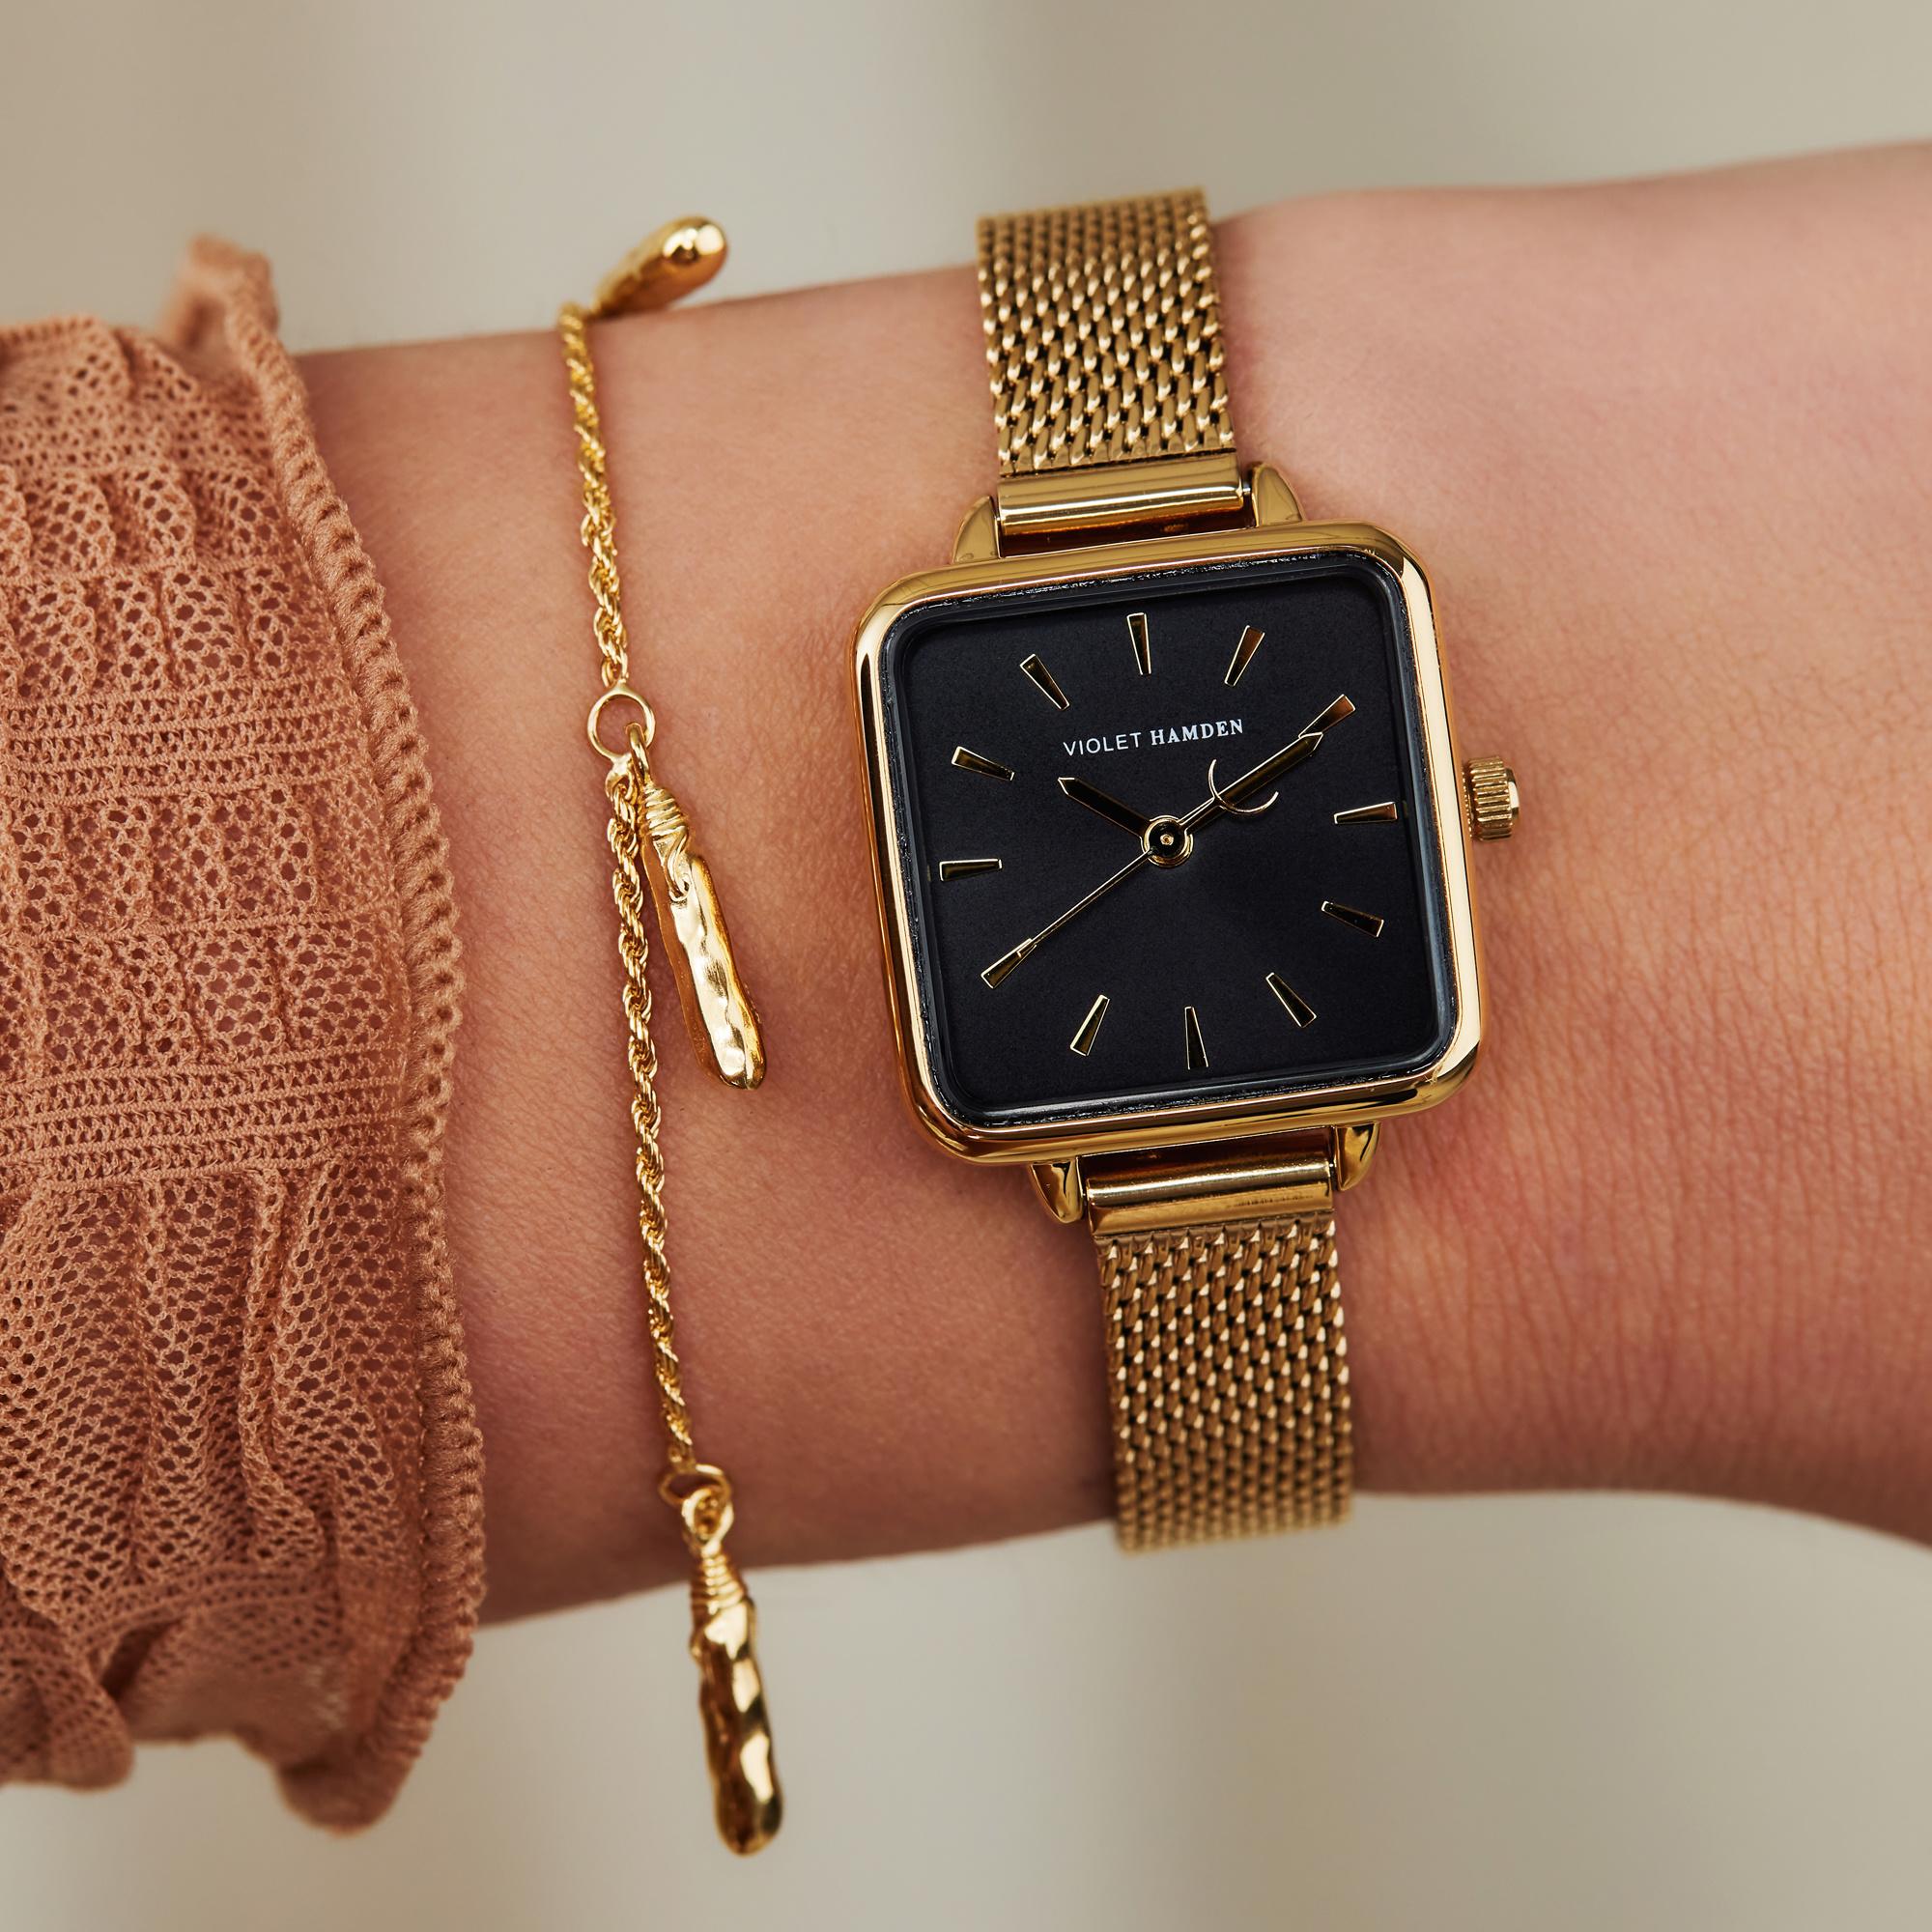 Violet Hamden Sisterhood Mona 925 sterling silver gold colored bracelet with rods